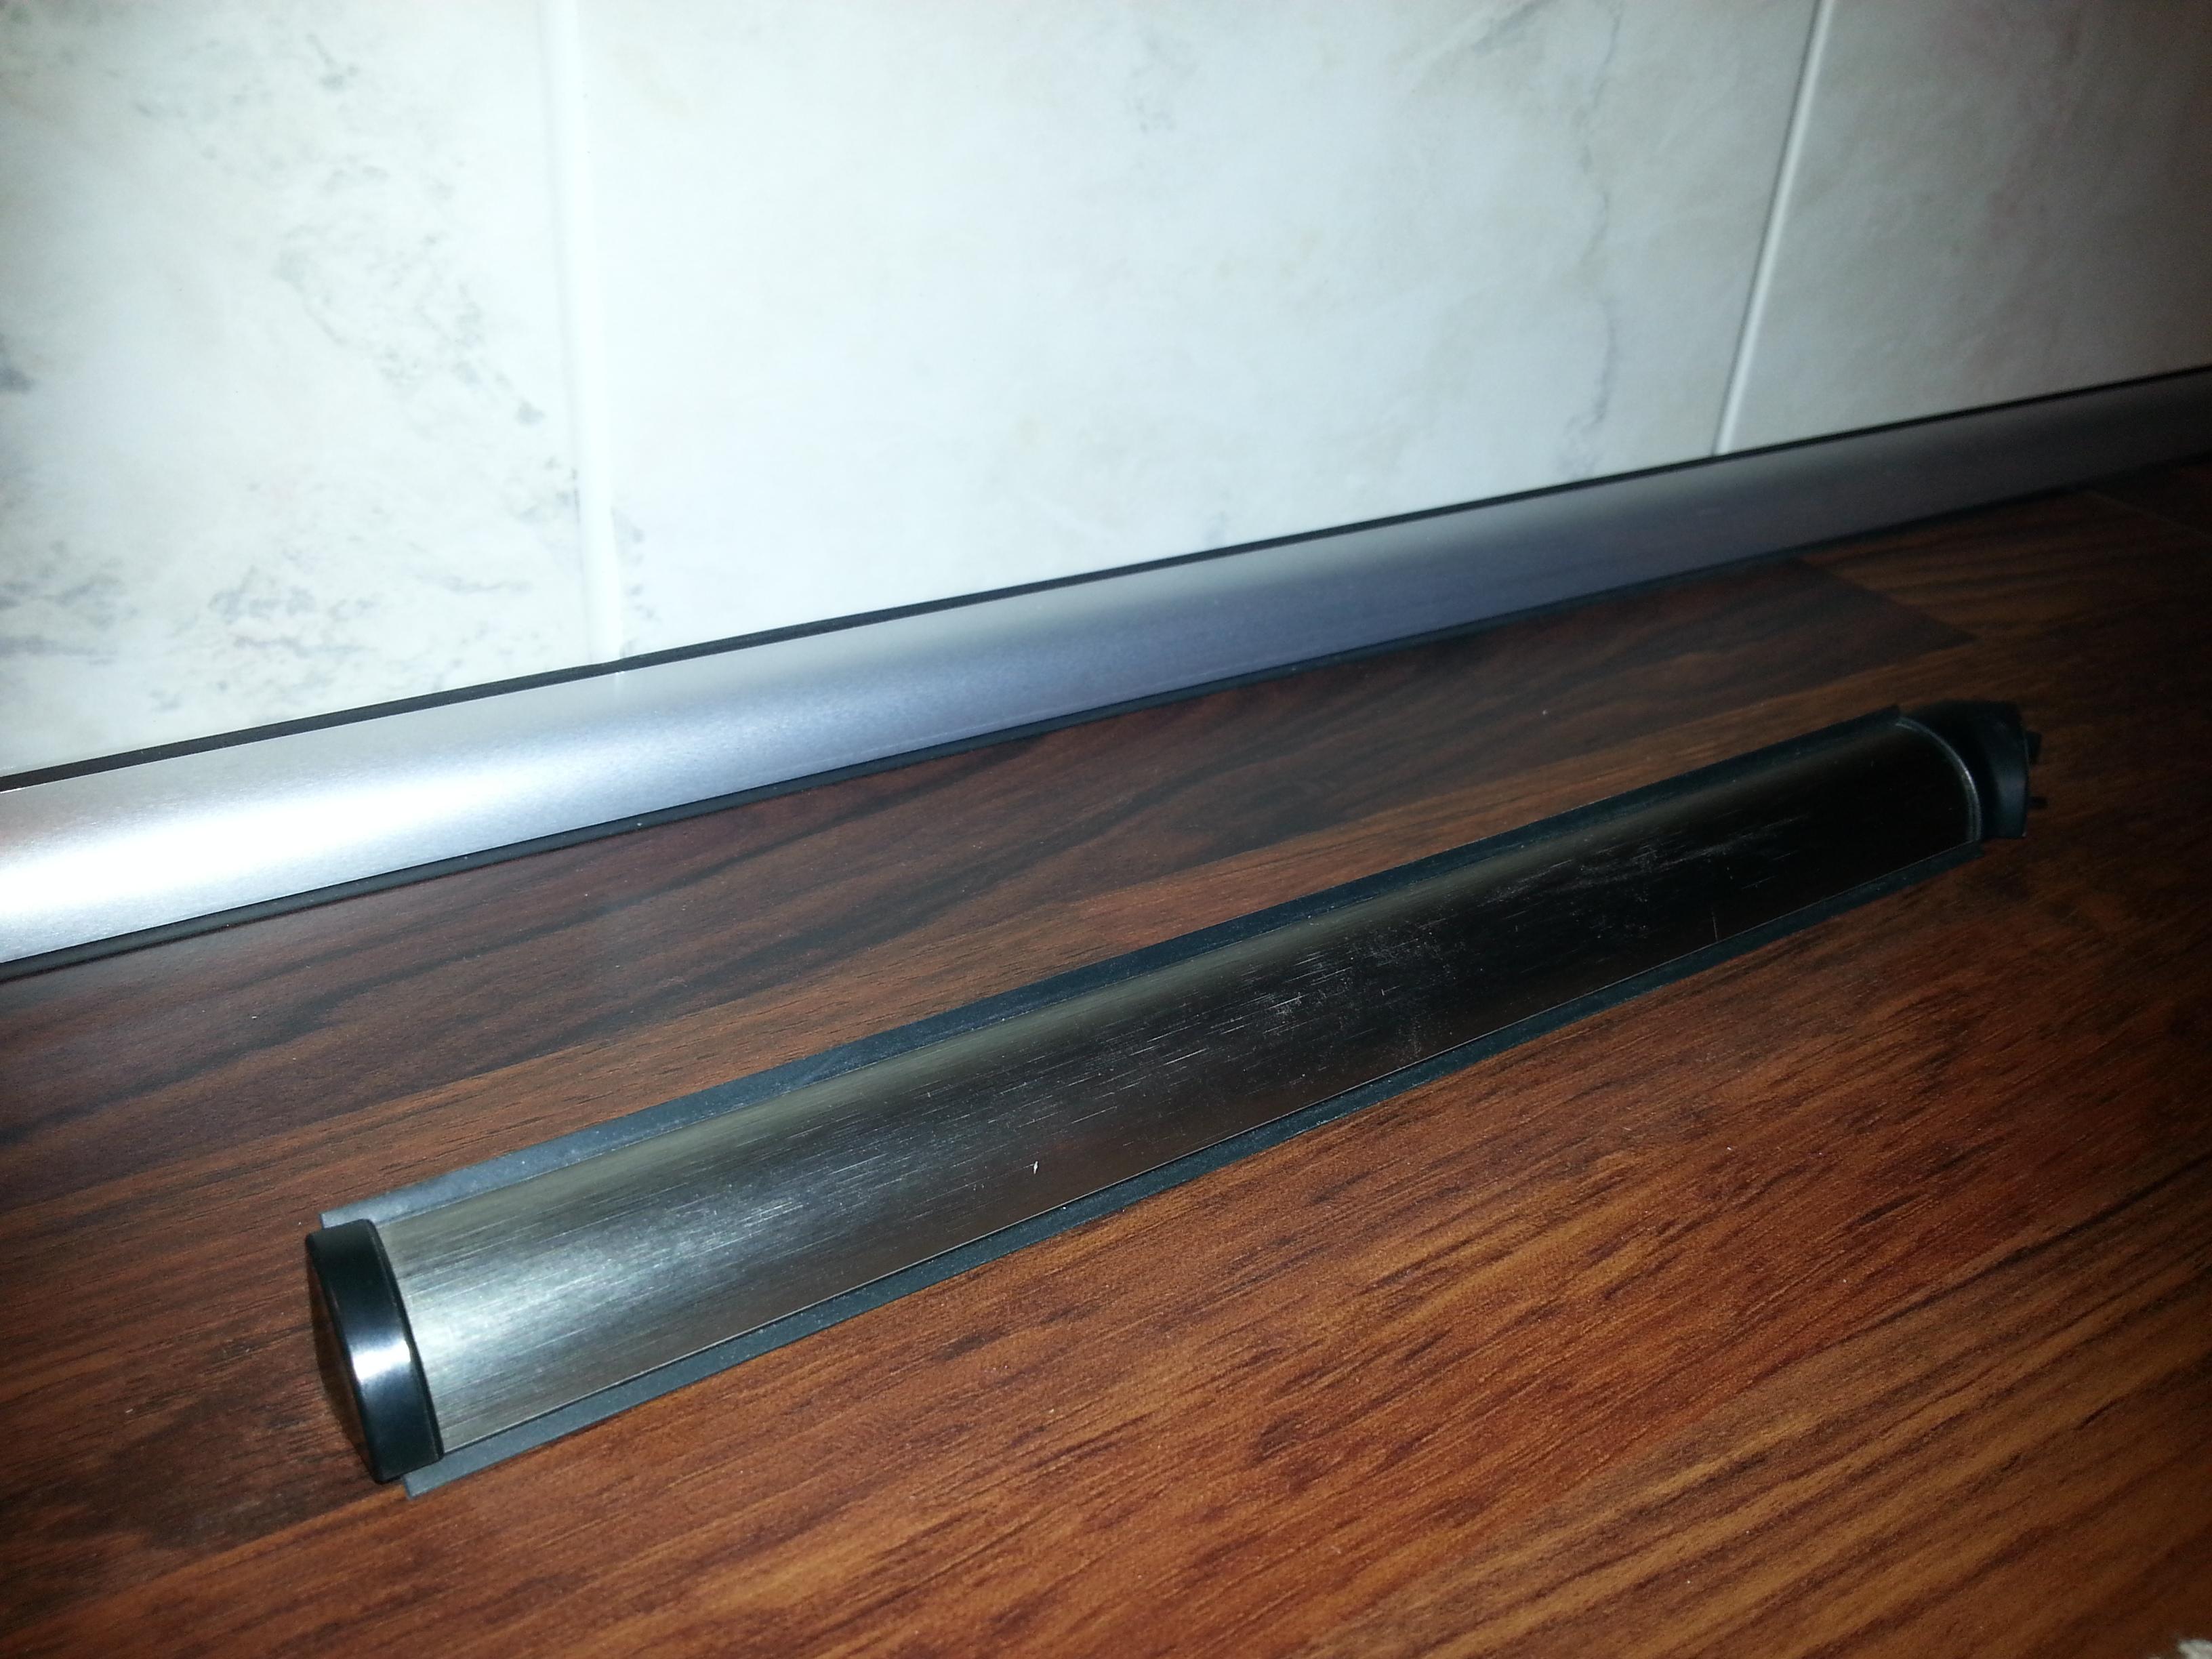 List mellom benkeplate og vegg